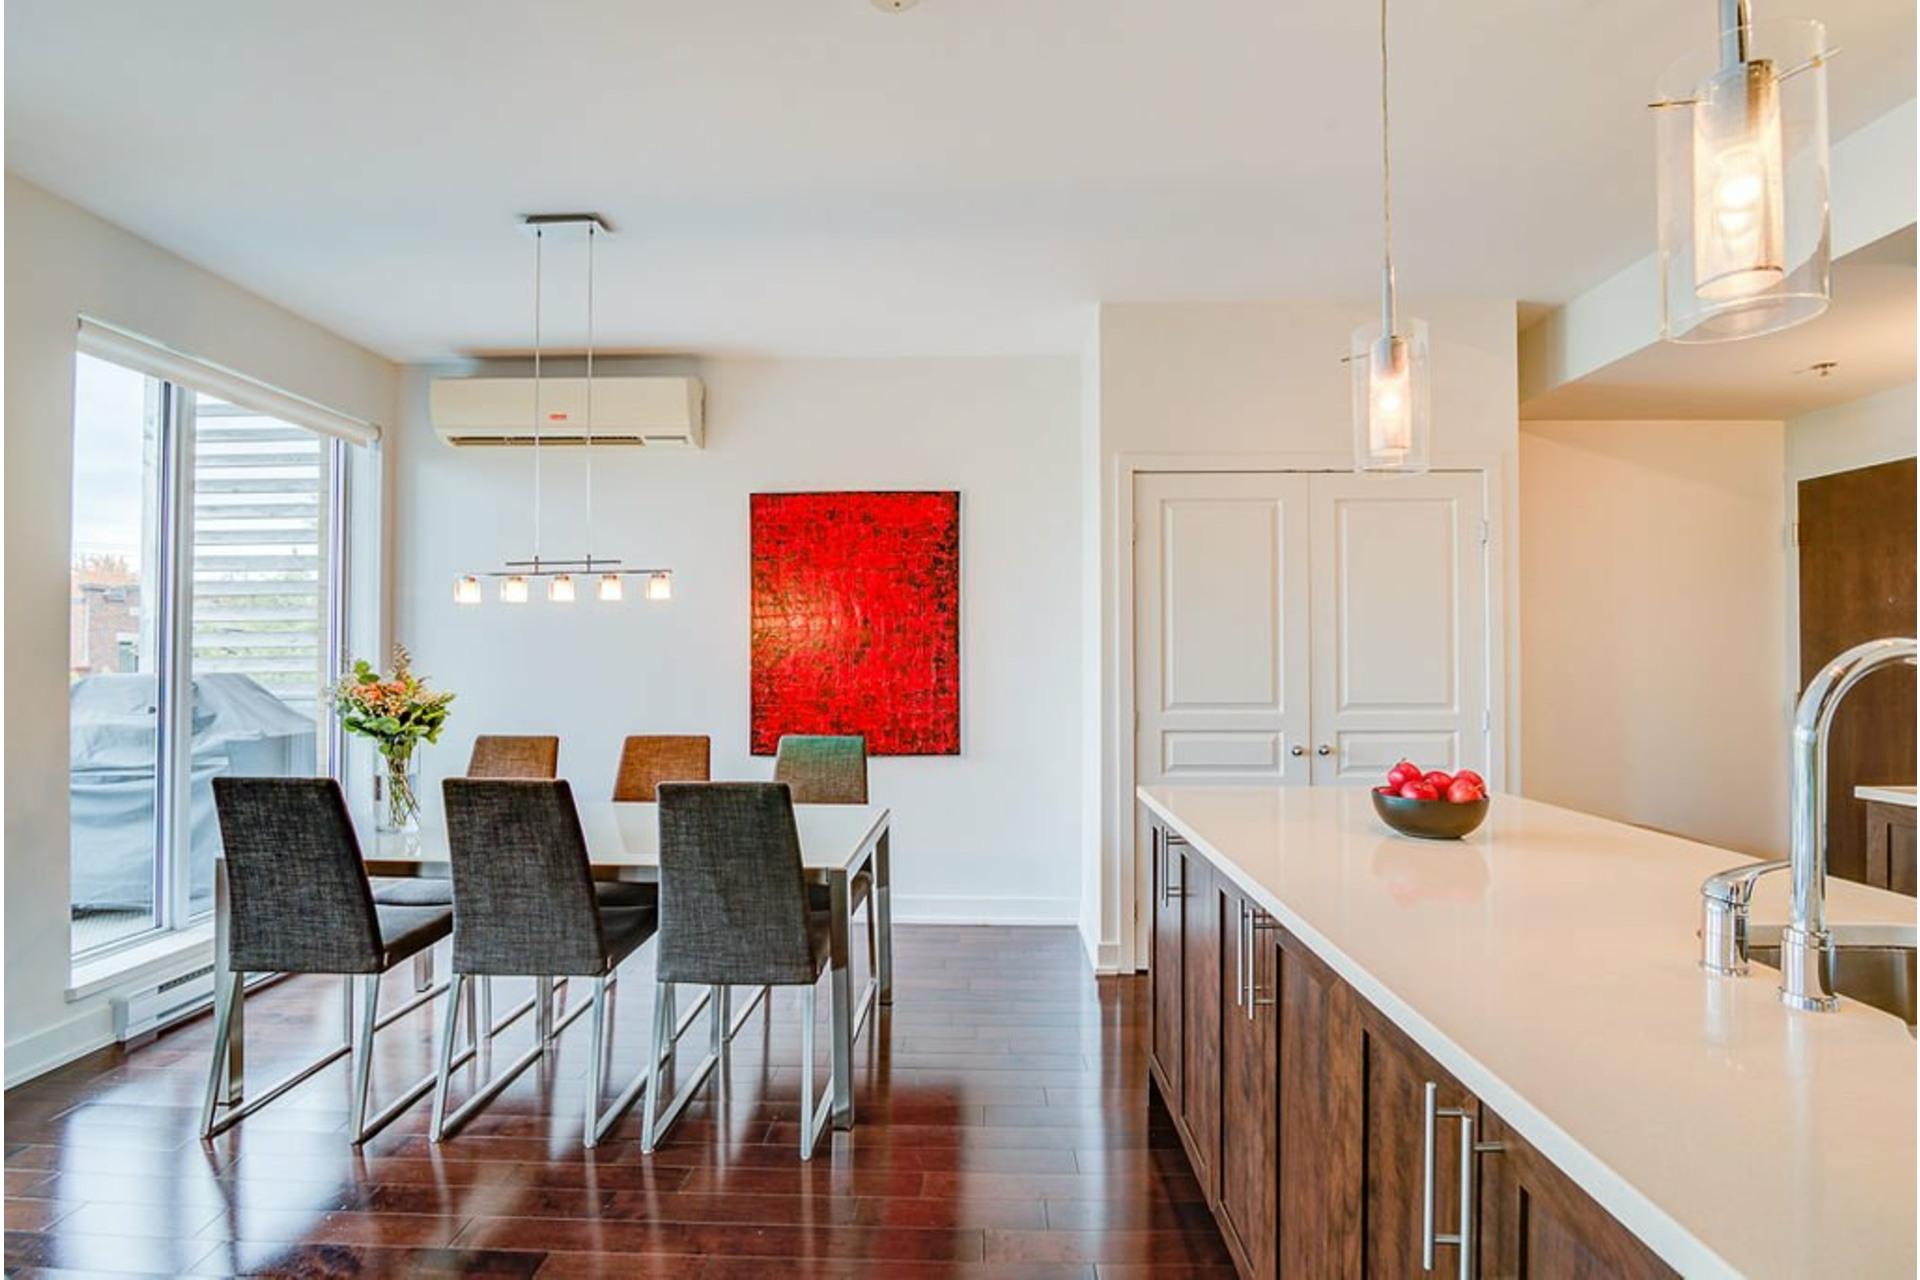 image 8 - Appartement À vendre Villeray/Saint-Michel/Parc-Extension Montréal  - 6 pièces